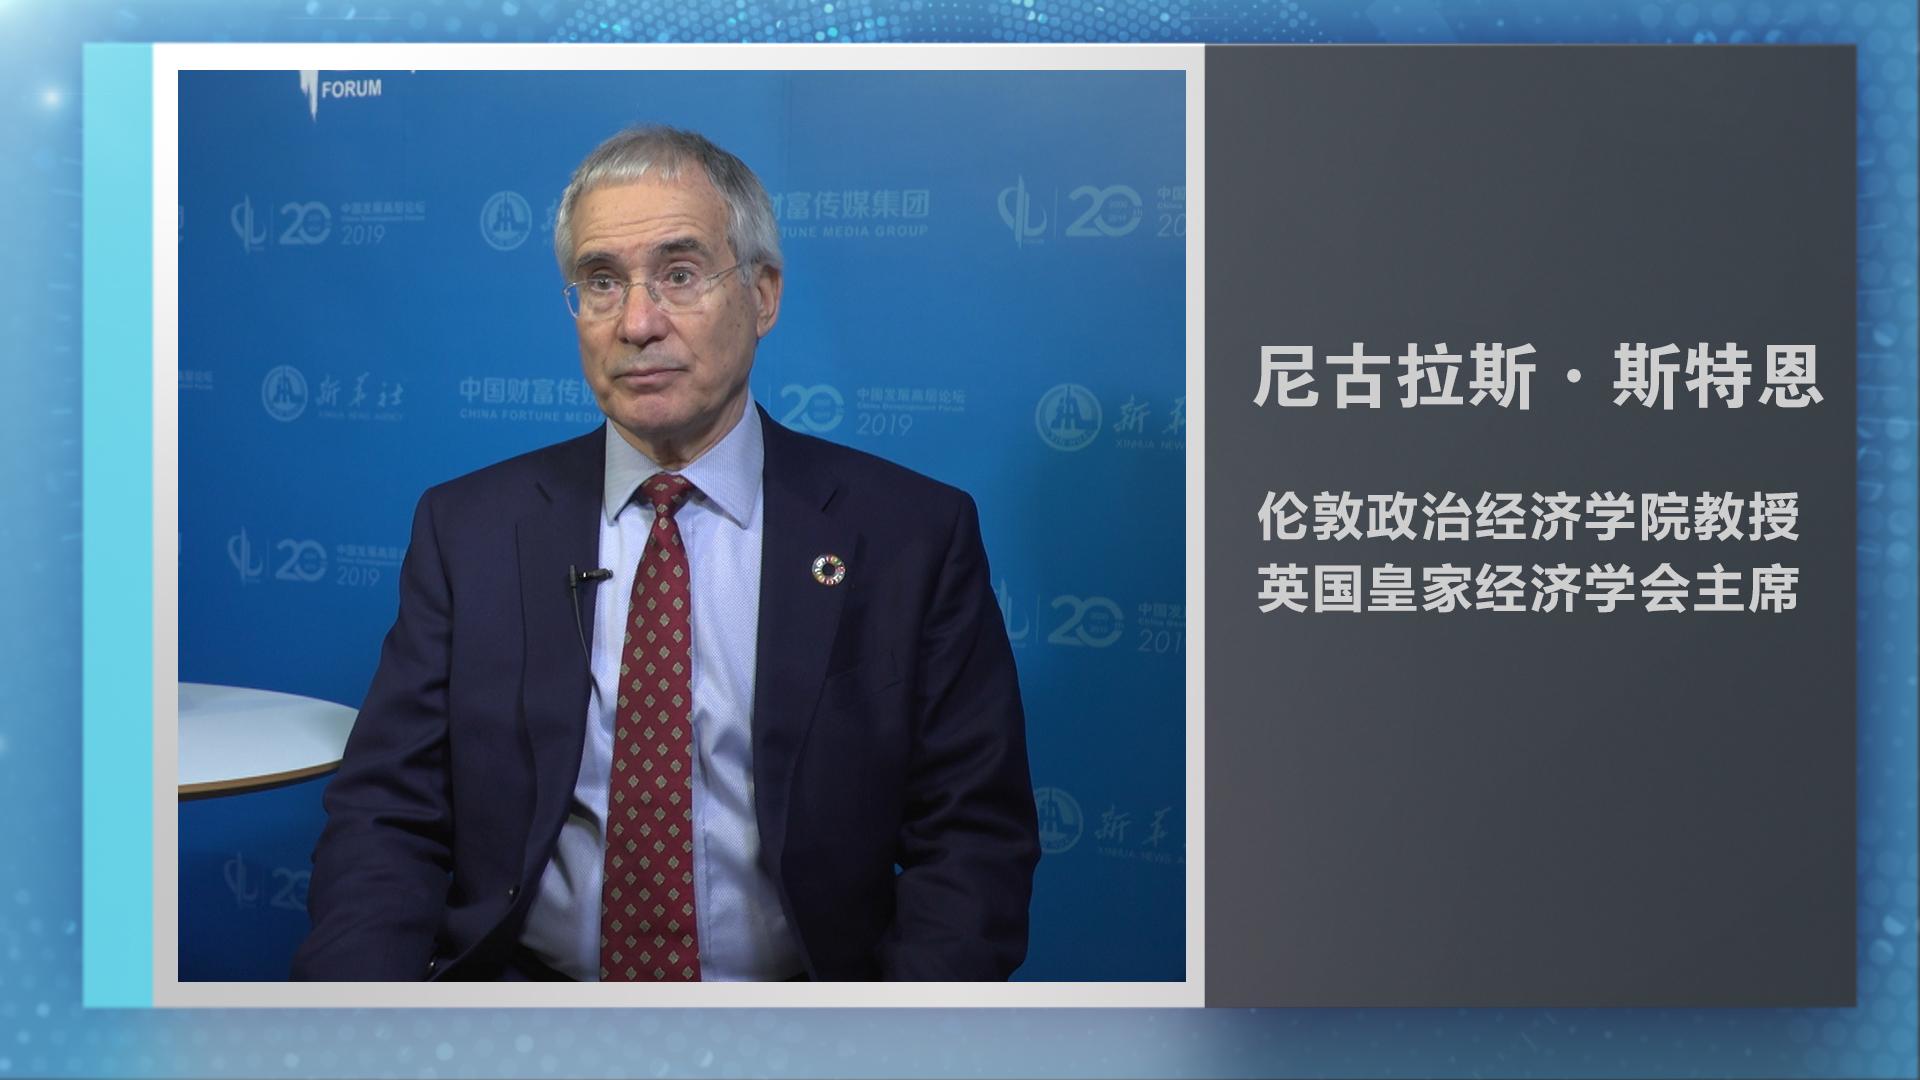 尼古拉斯·斯特恩:中国经济增速下降是正常的